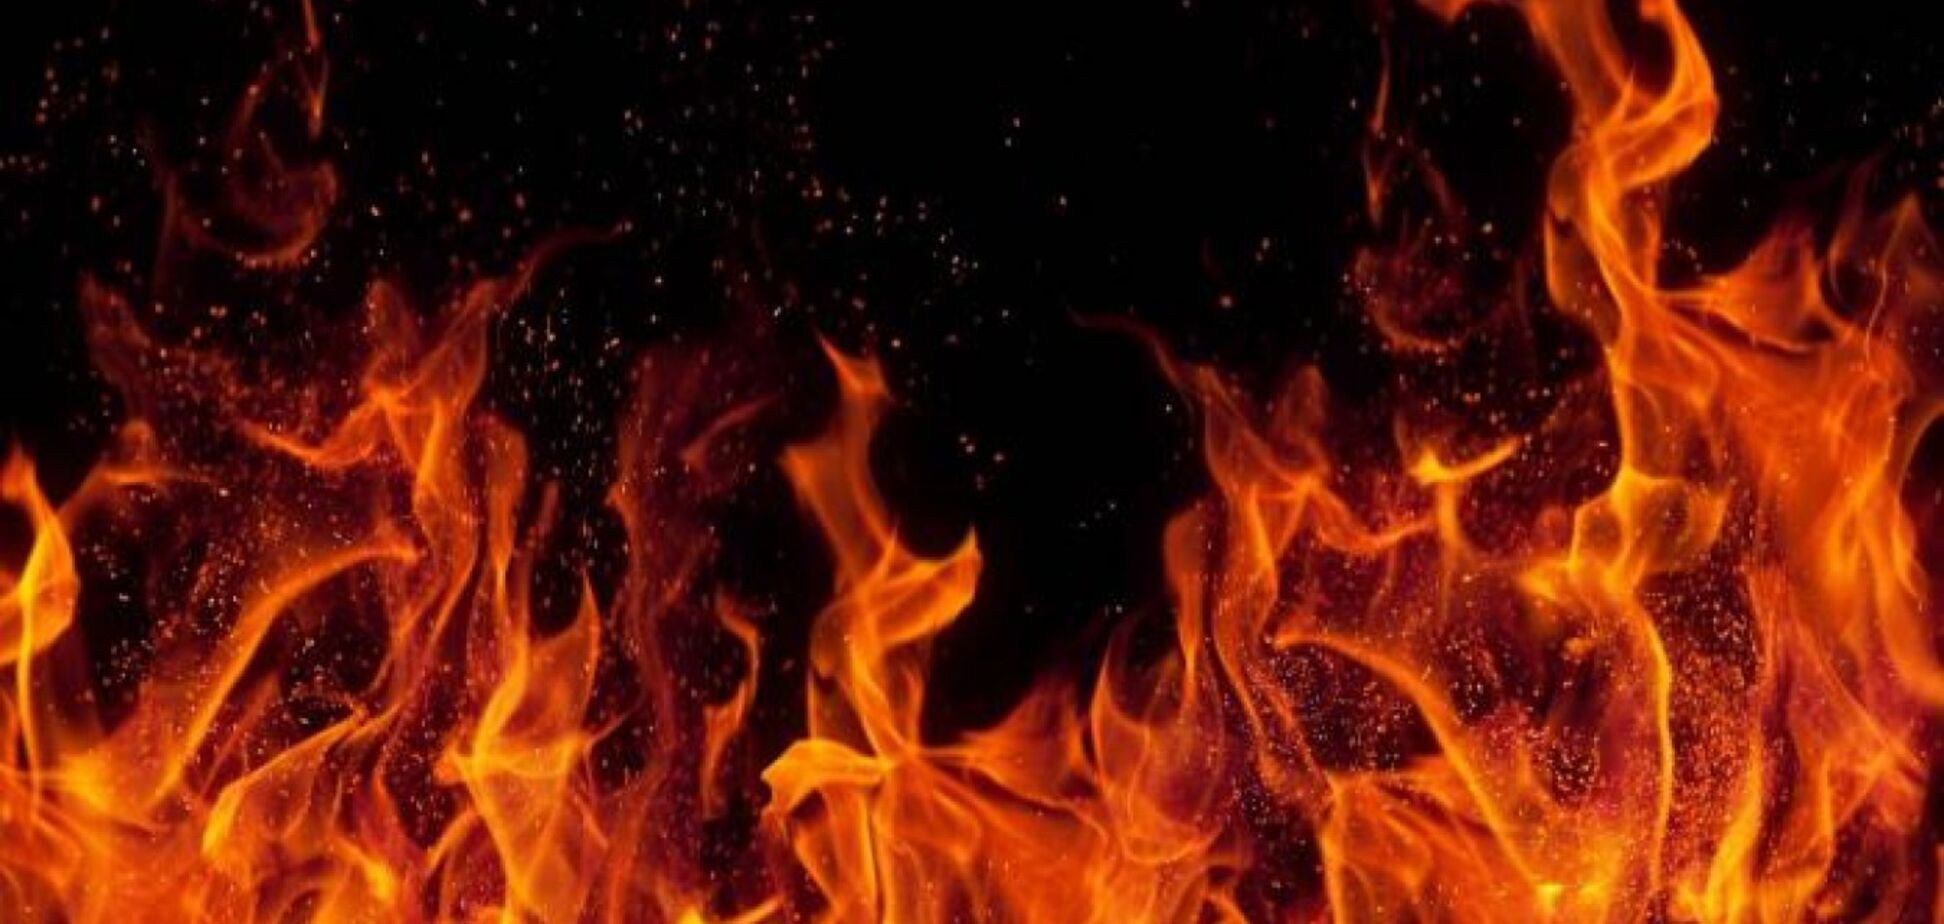 'Живьем сжигают в топке': стало известно, как ГРУ поступает с предателями